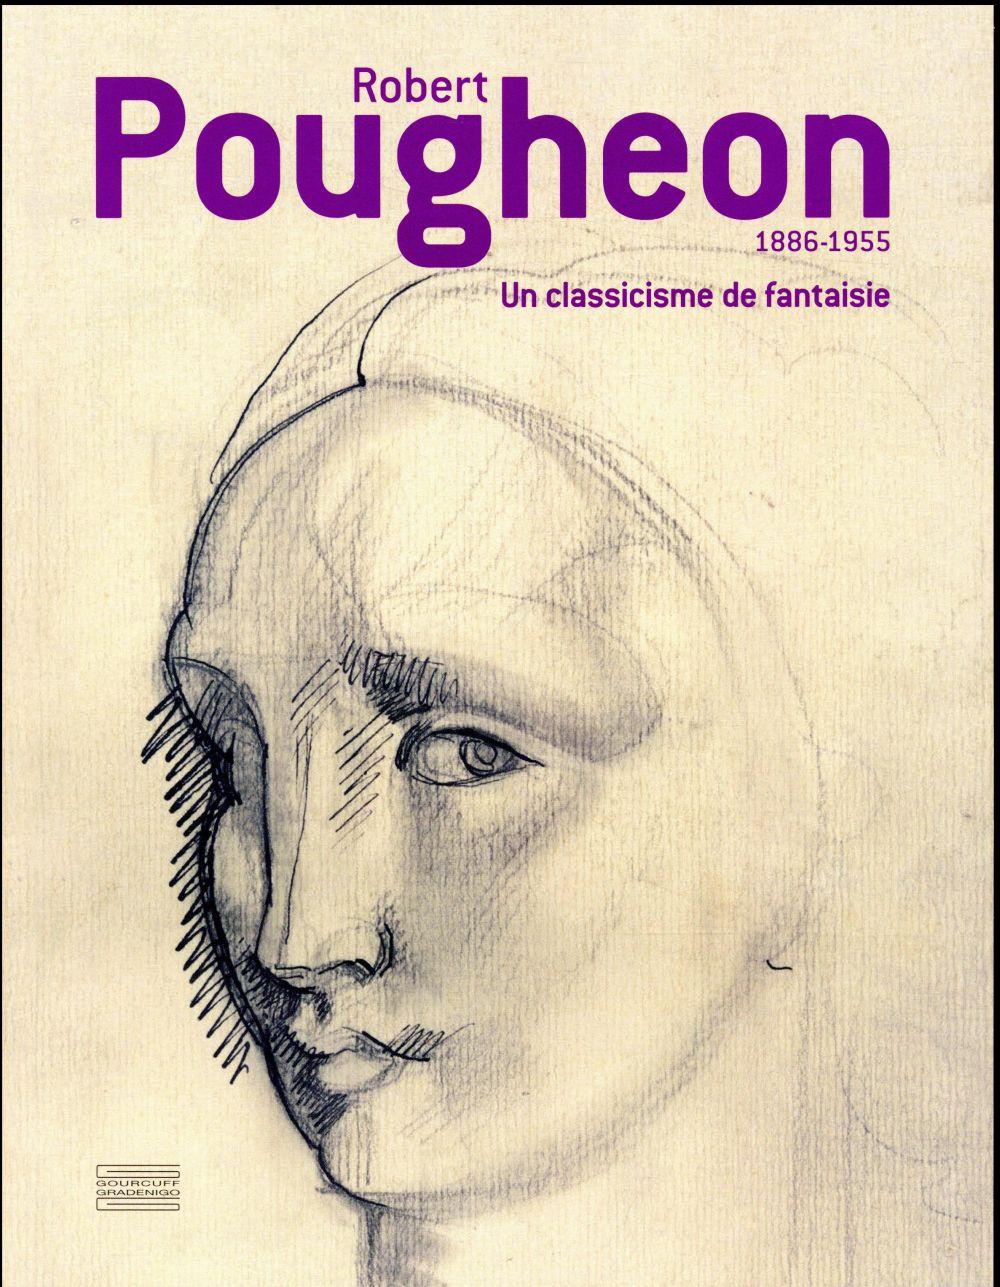 ROBERT POUGHEON